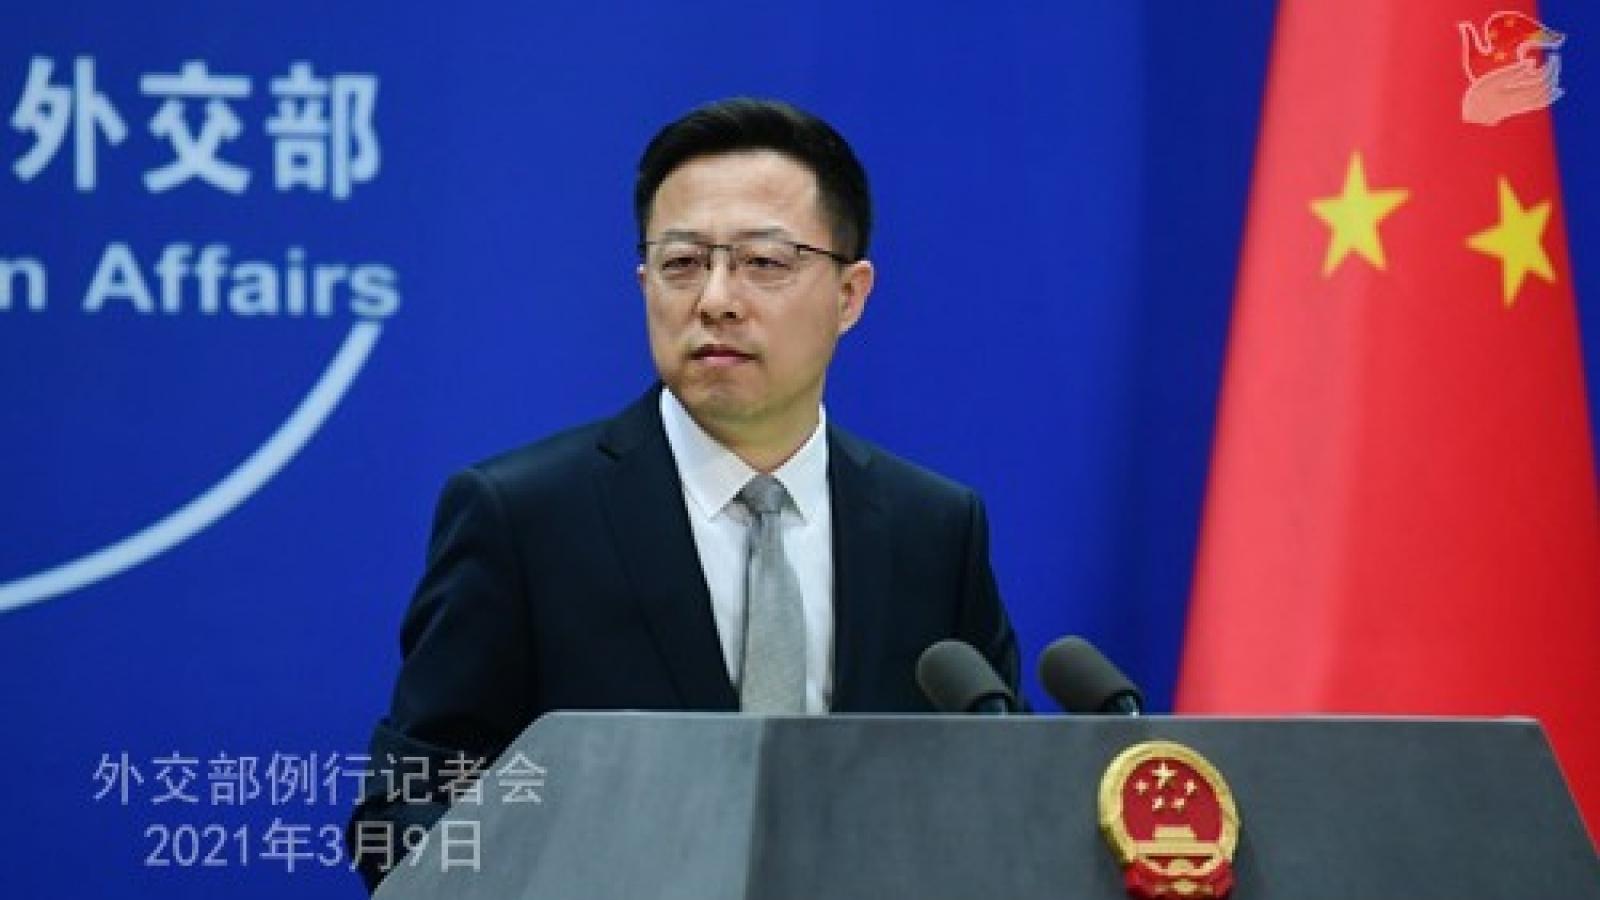 """Trung Quốc cảnh báo Mỹ không nên """"đùa với lửa"""" trong vấn đề Đài Loan"""